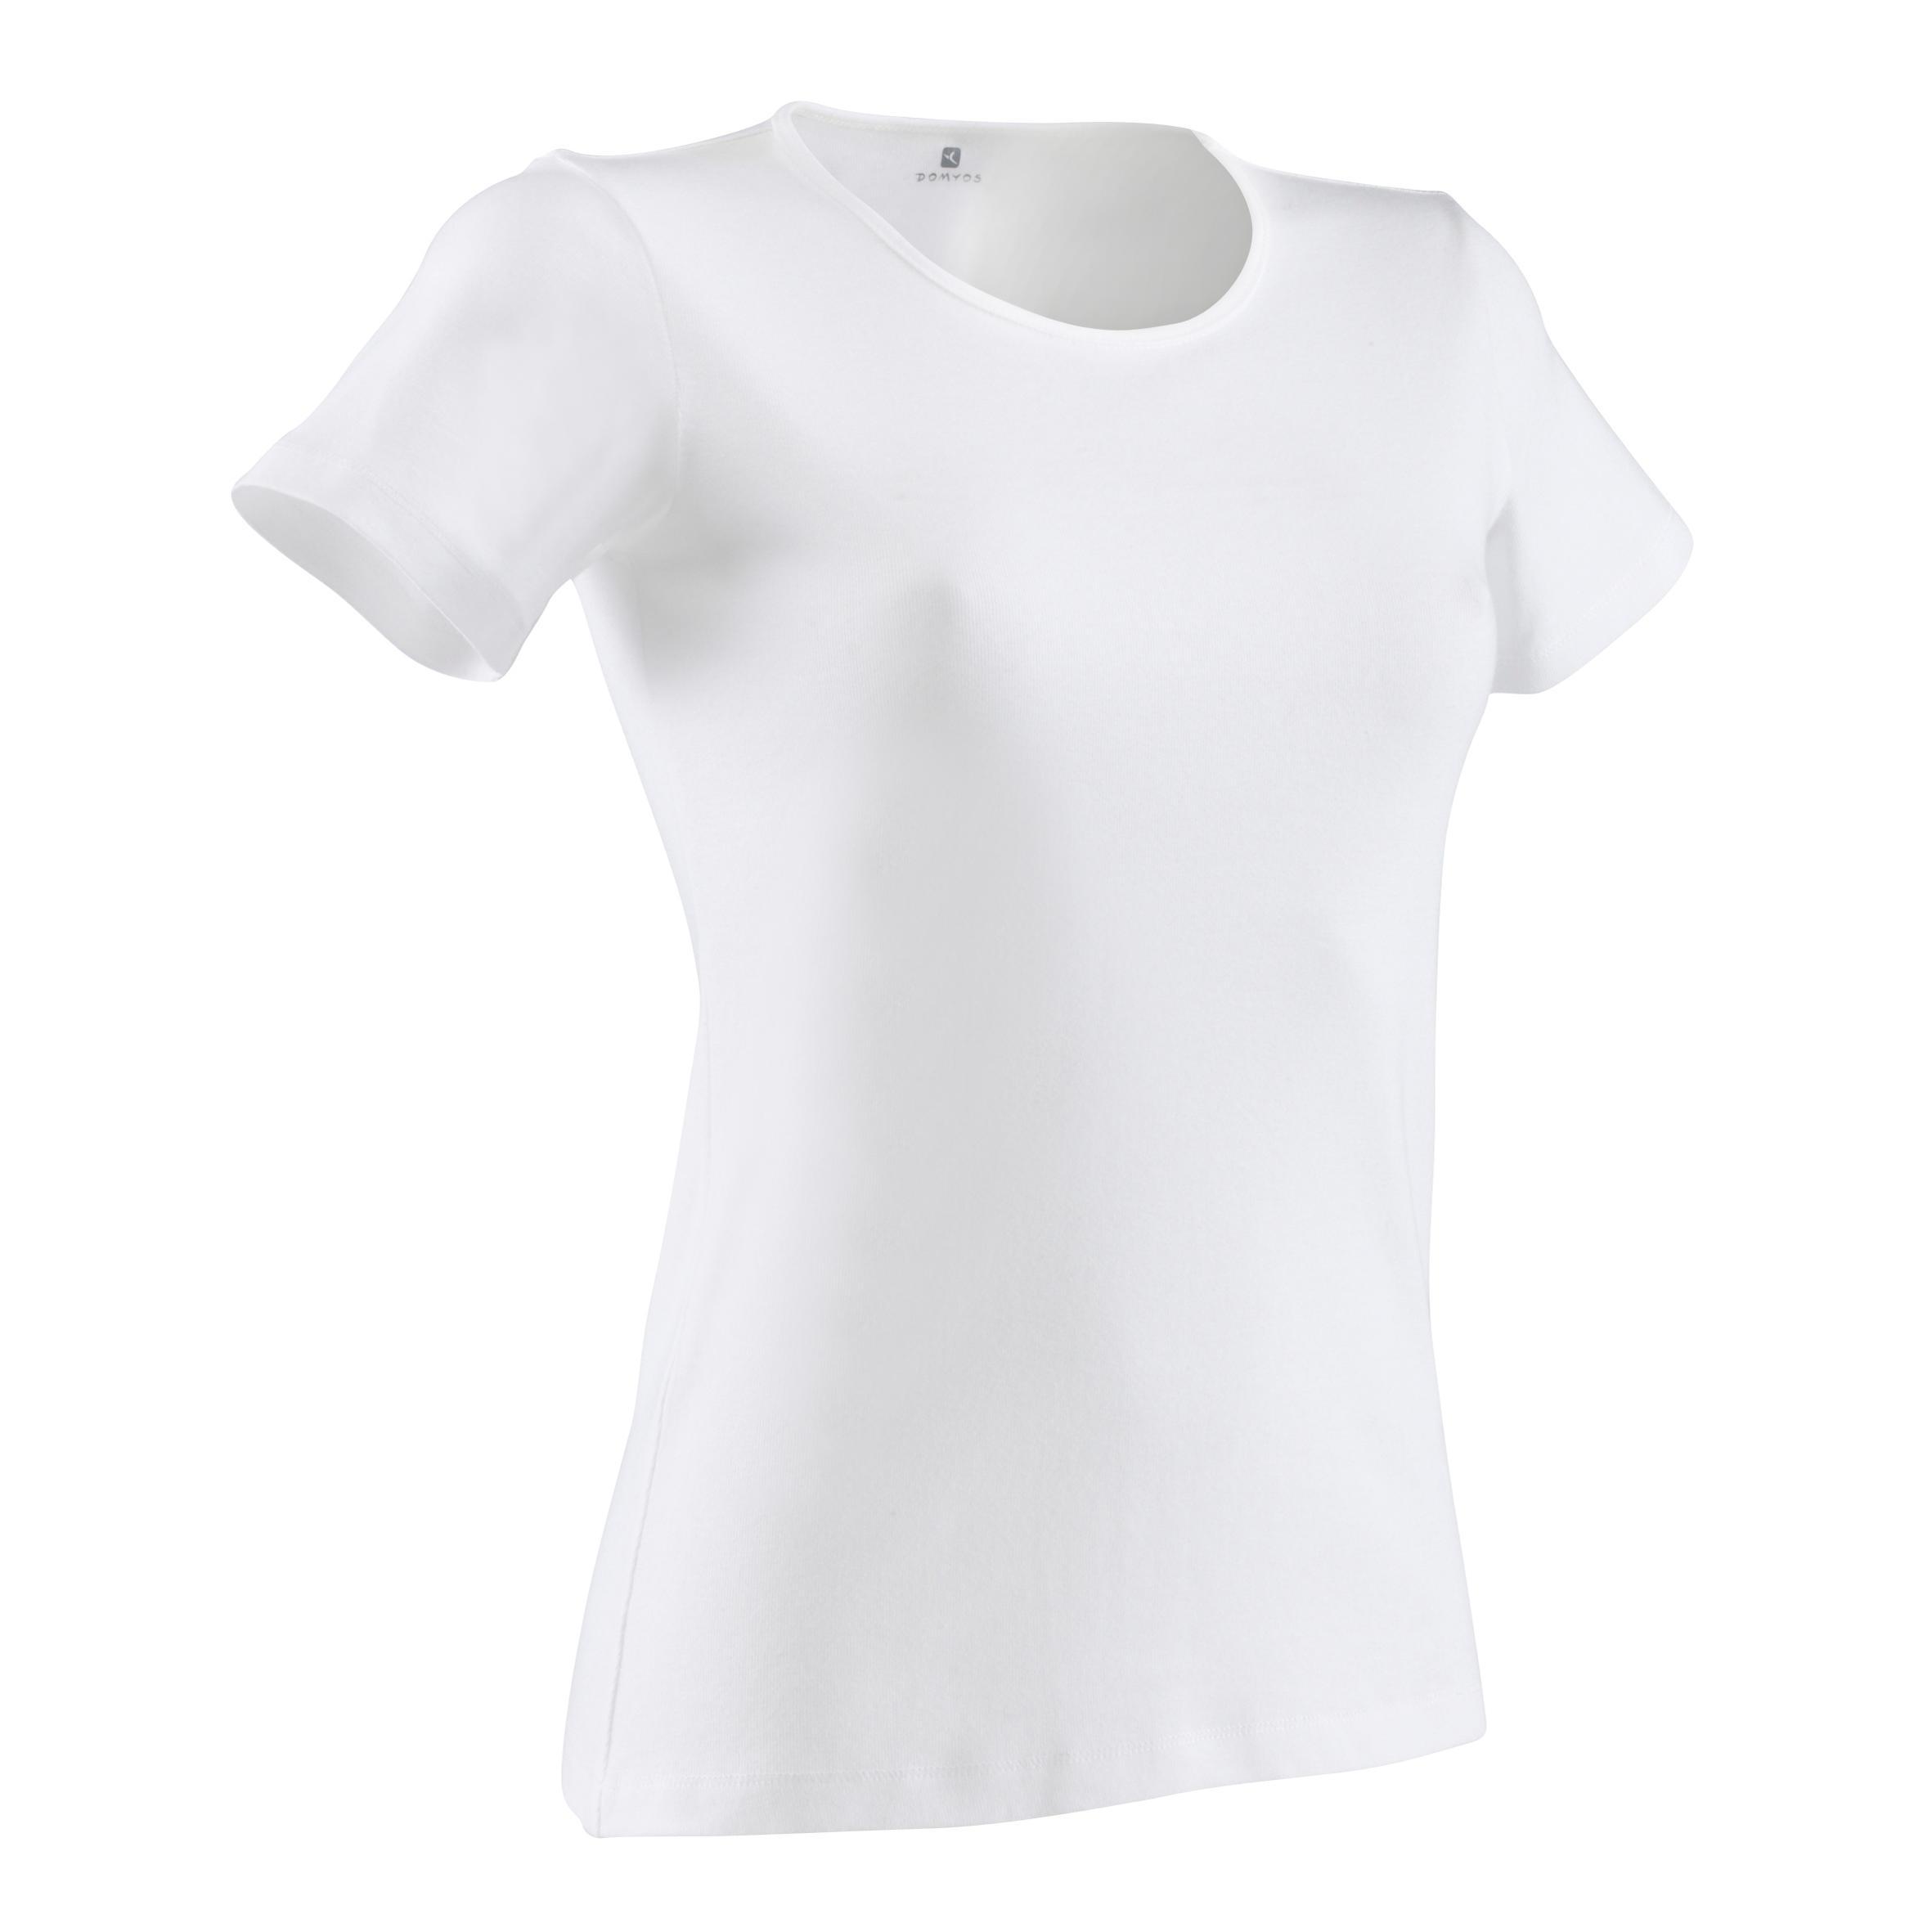 เสื้อยืดผู้หญิงทรงม...